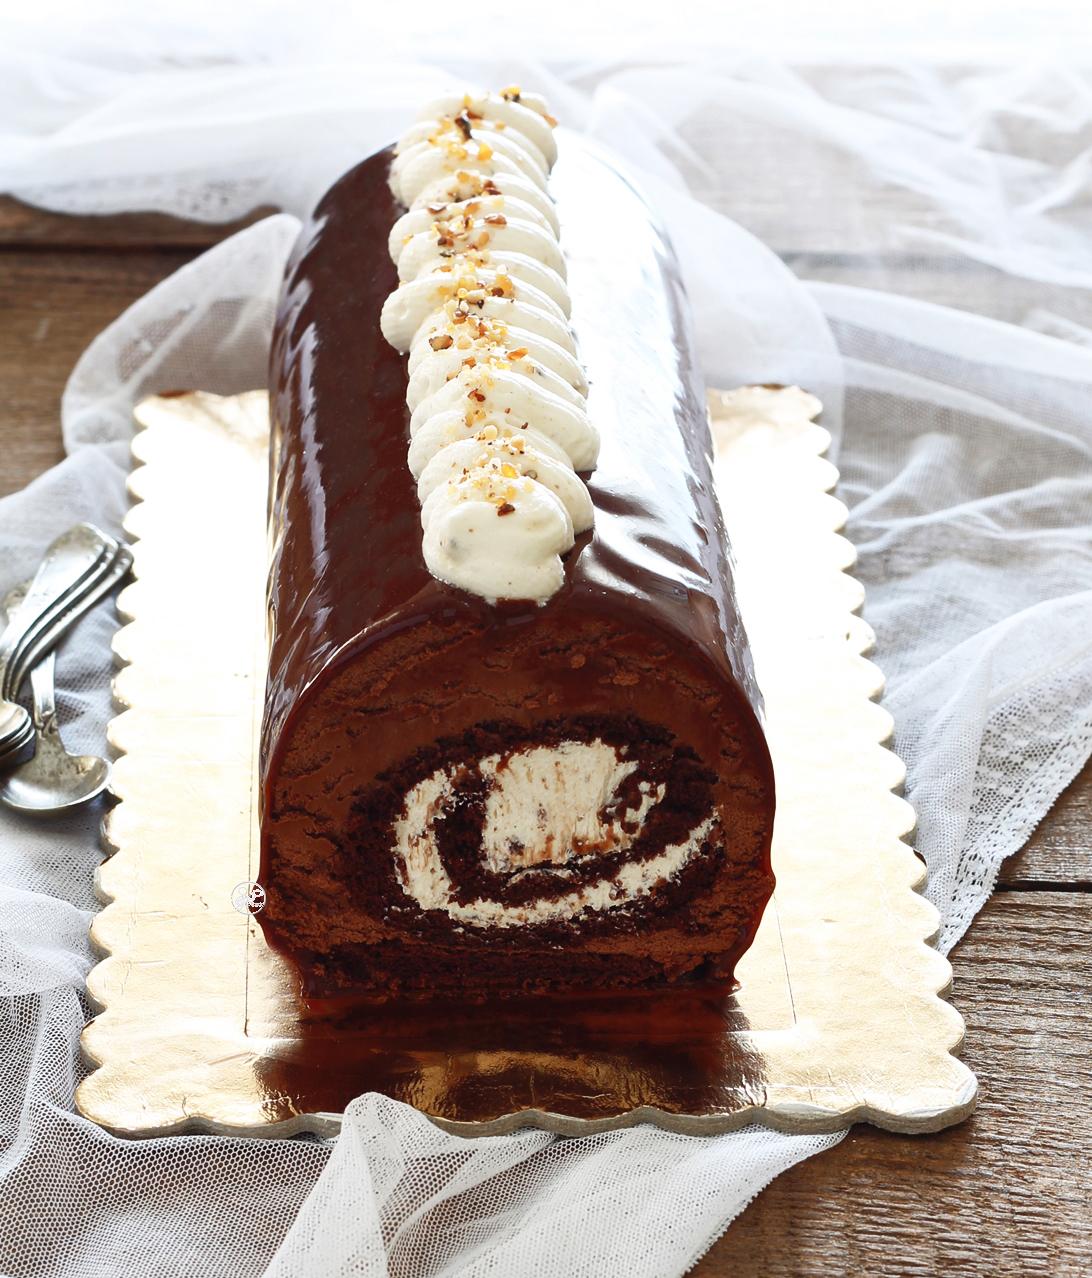 Tronchetto cioccolato pralinato senza glutine - La Cassata Celiaca